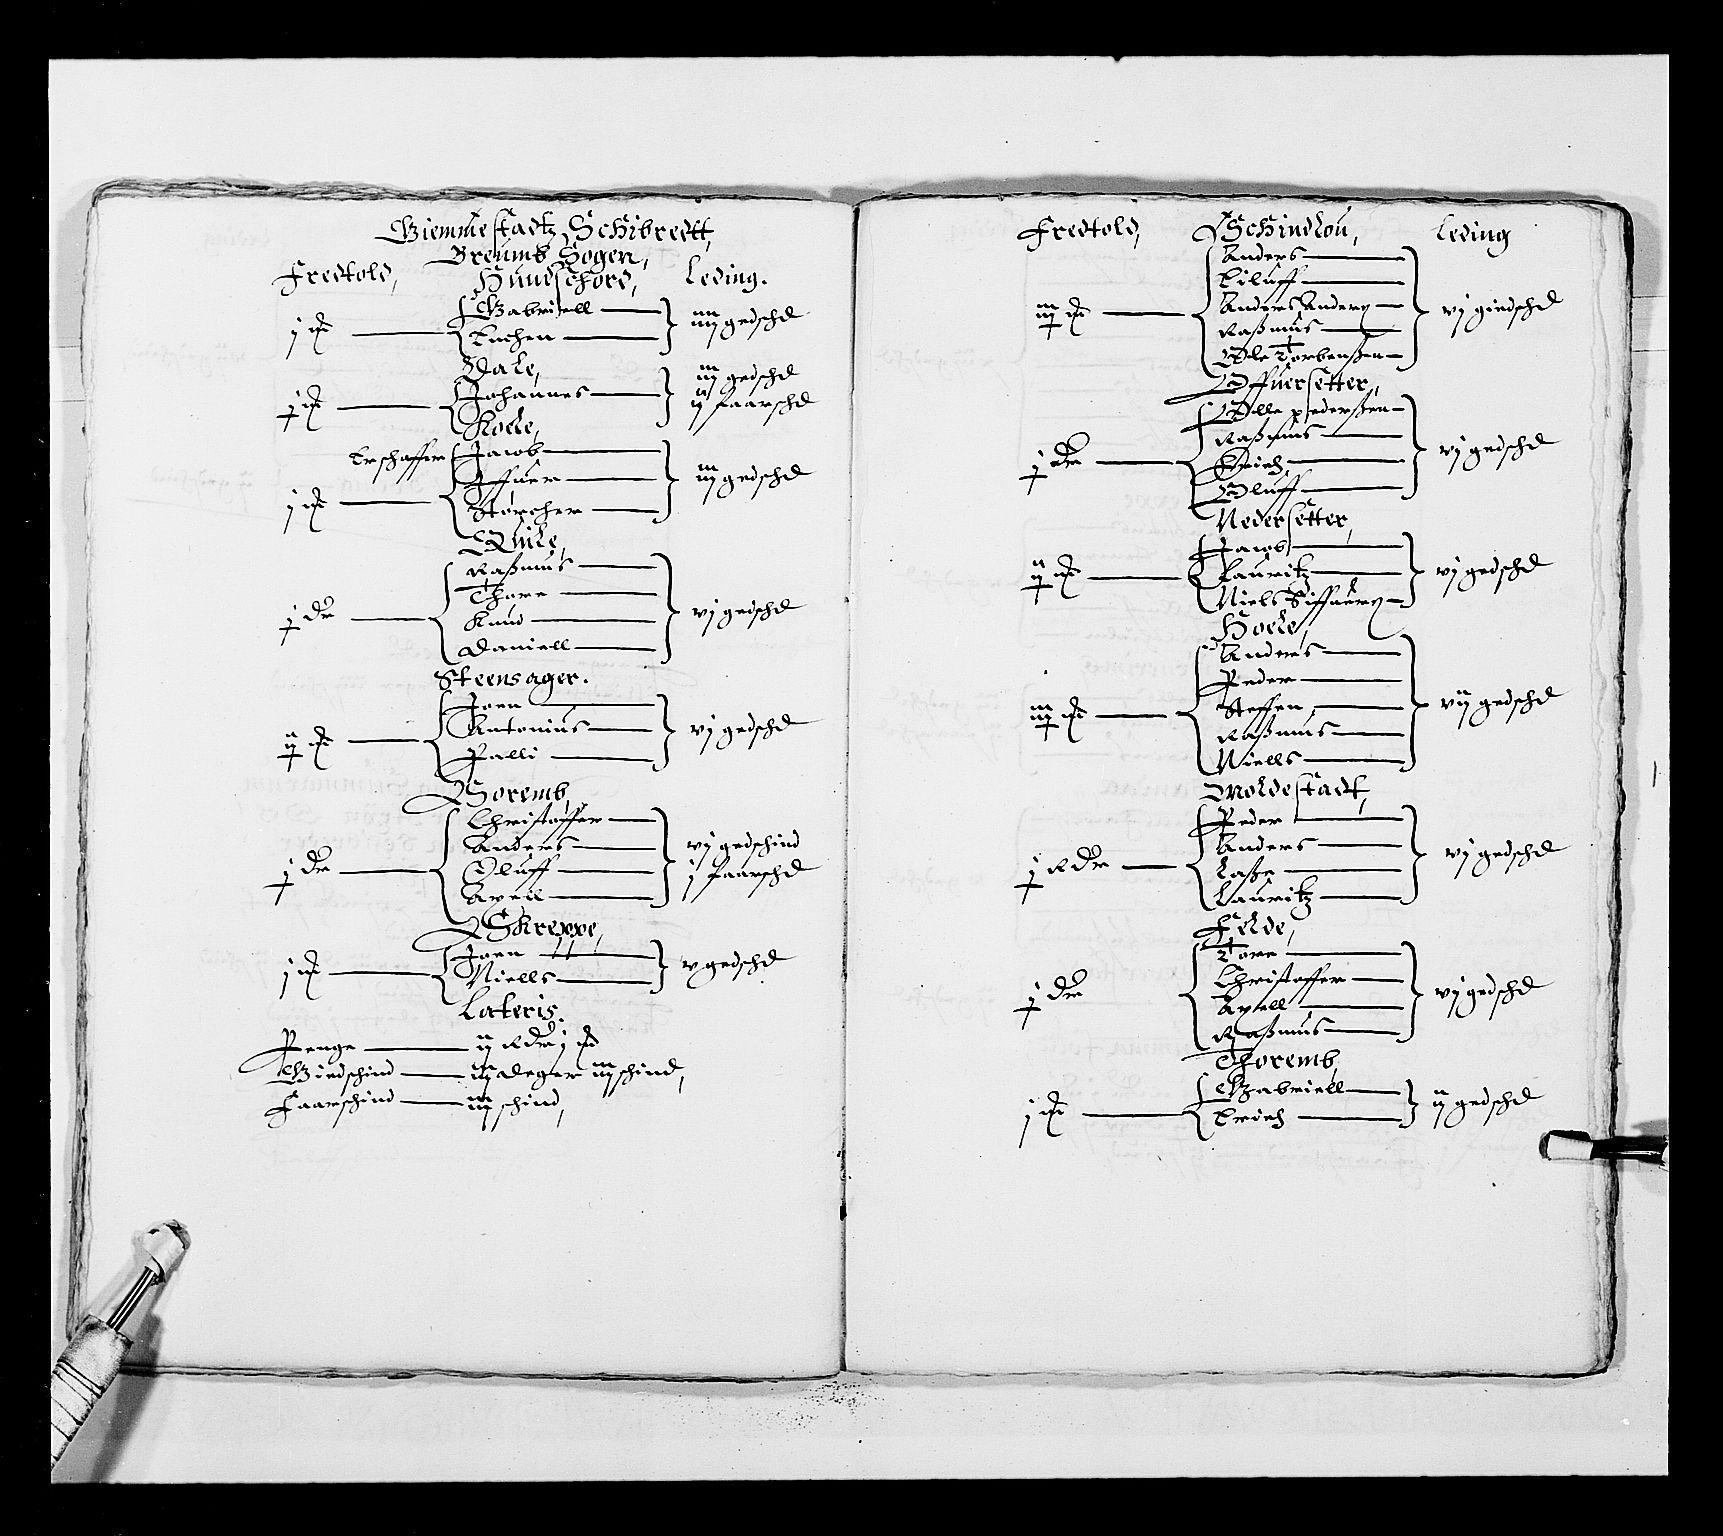 RA, Stattholderembetet 1572-1771, Ek/L0025: Jordebøker 1633-1658:, 1645-1646, s. 203